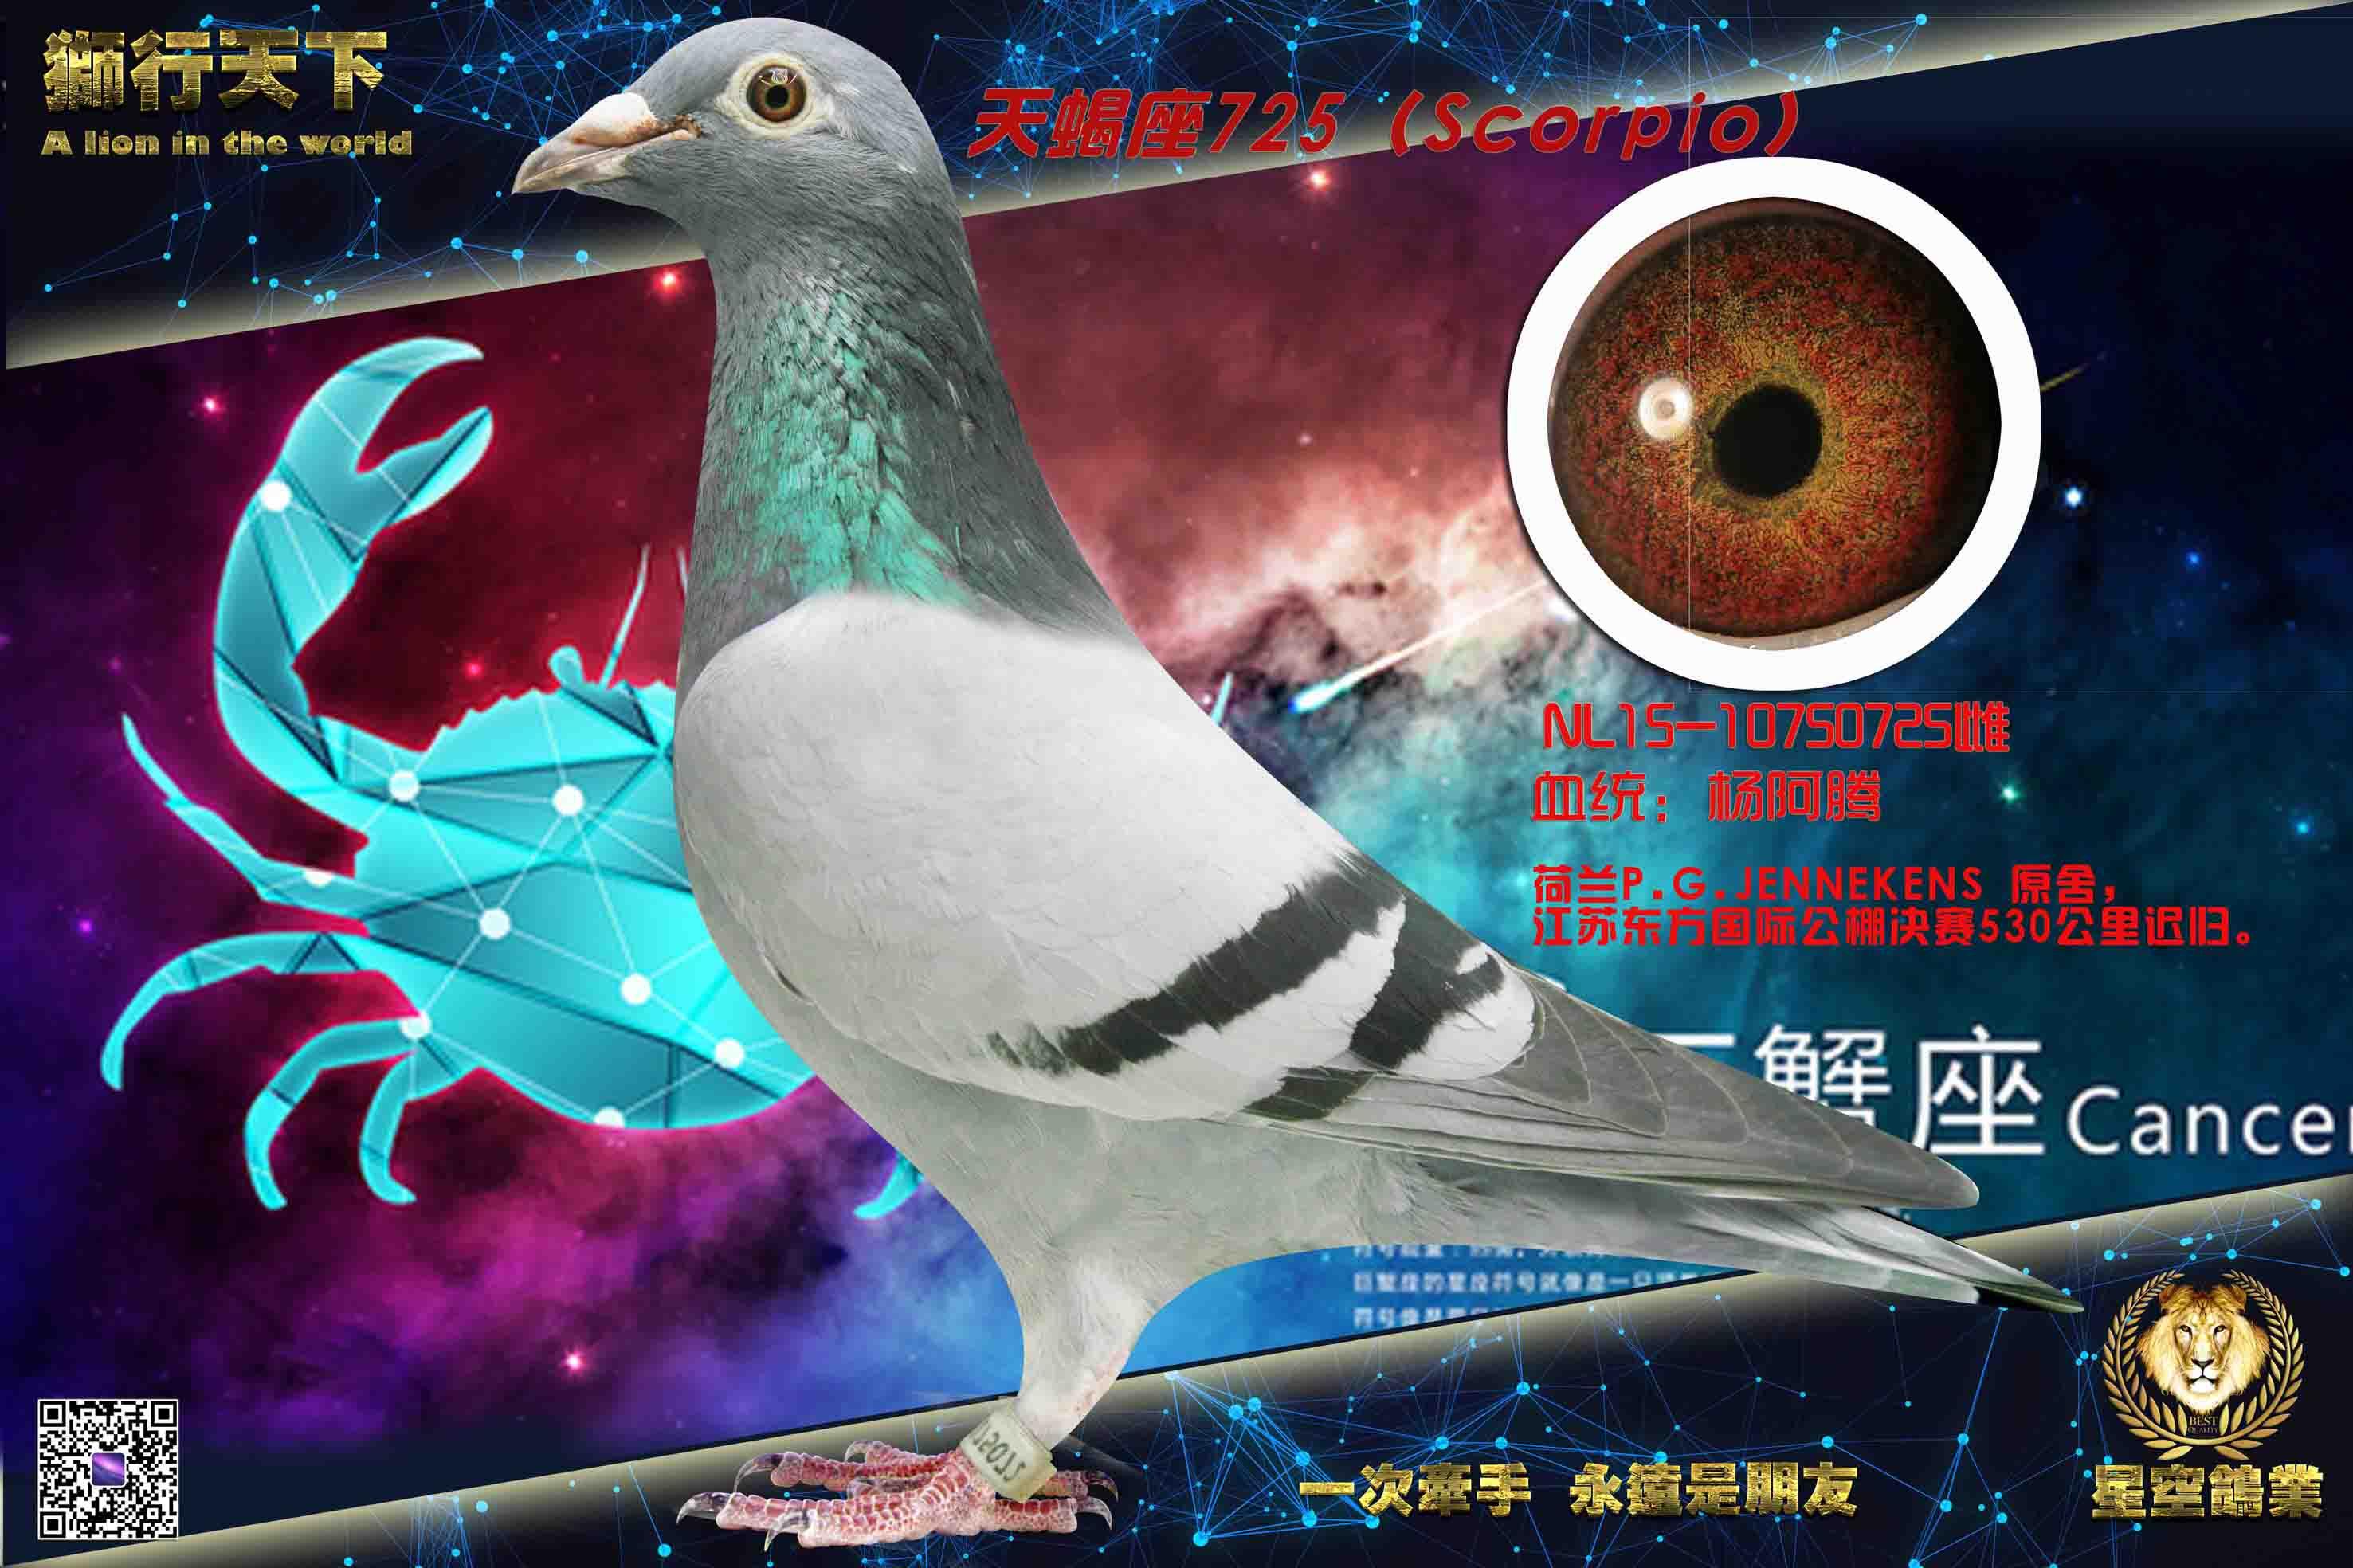 天蝎座(杨阿腾725)